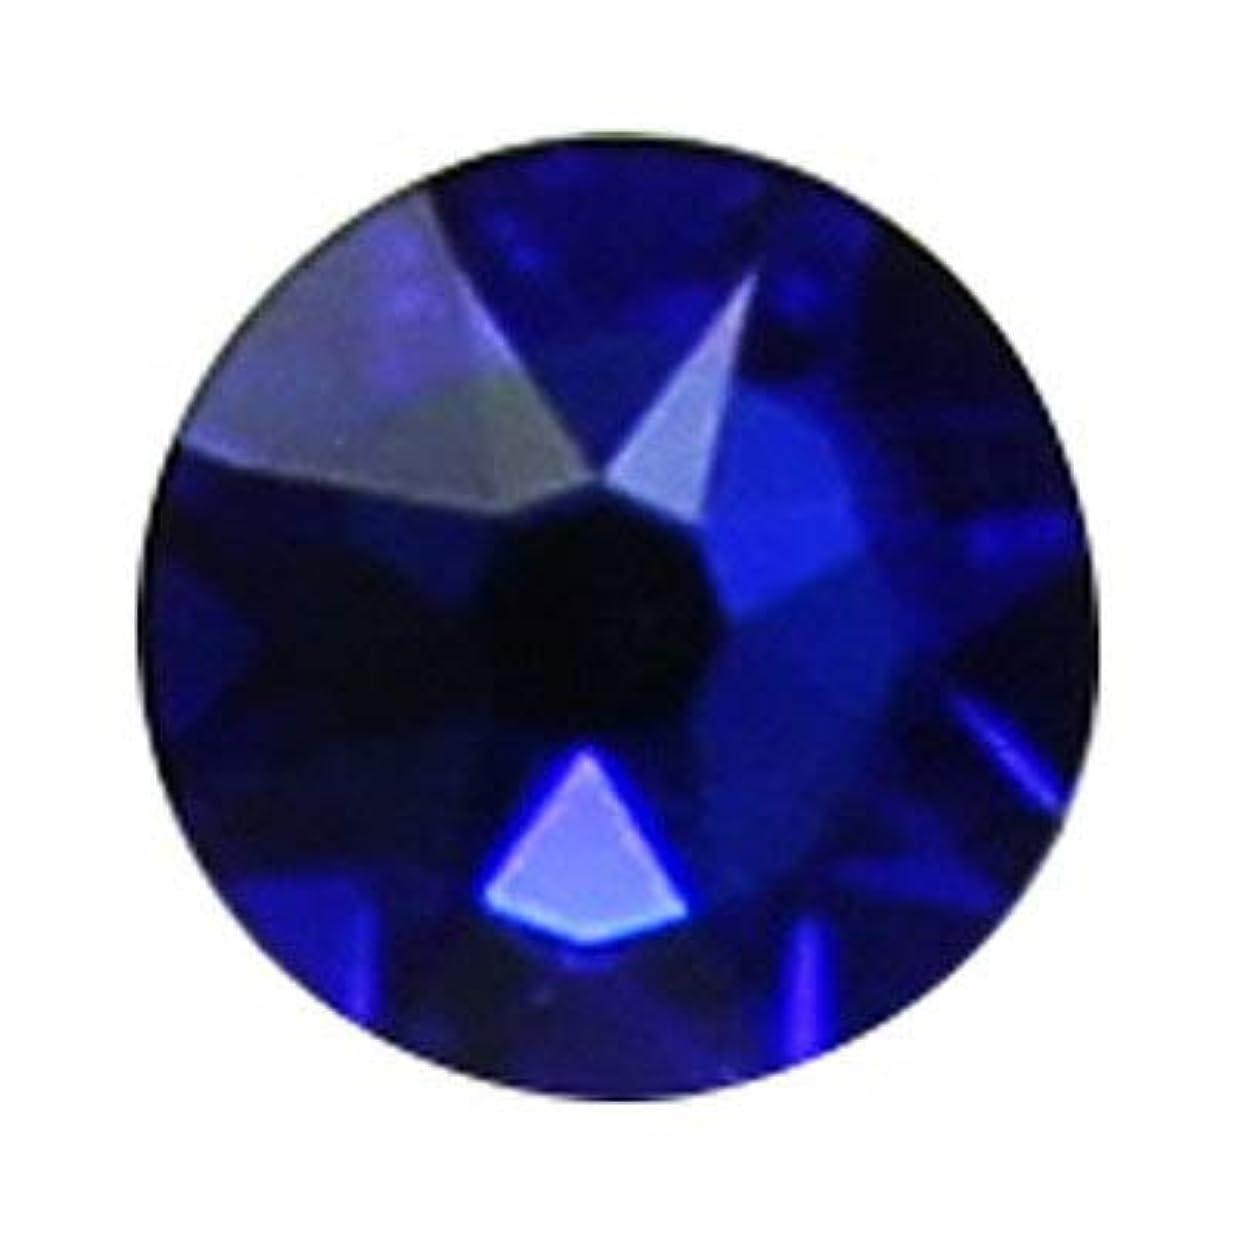 ベース資産遺棄されたSWAROVSKI マジェスティック?ブルー ss9 #2058 72P